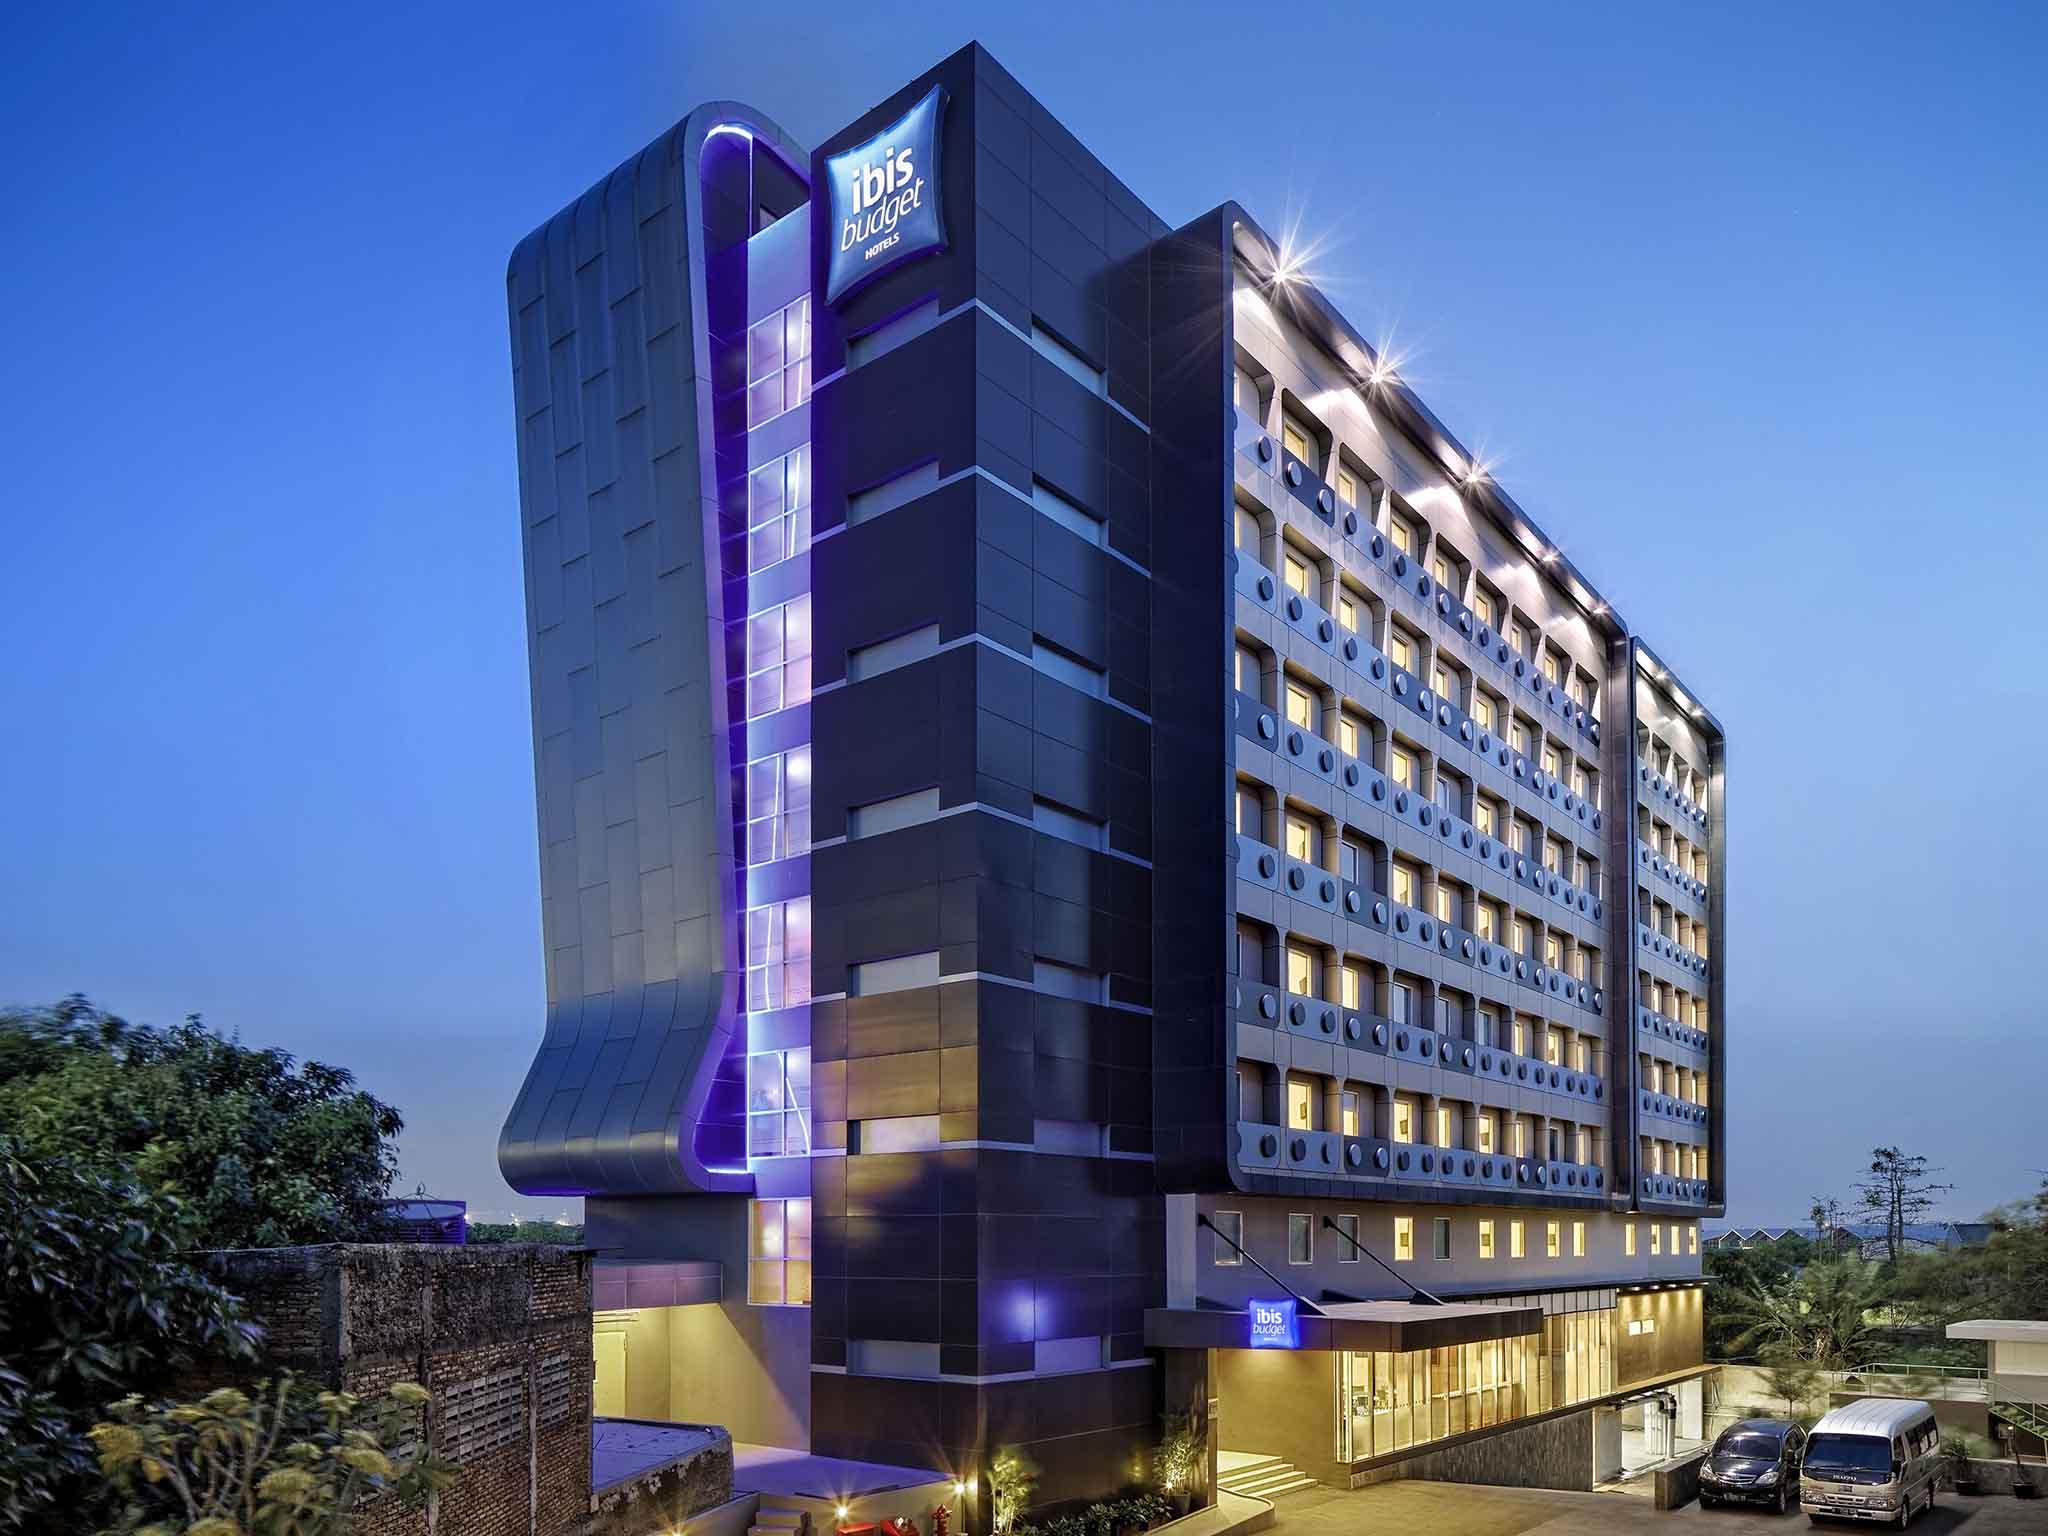 酒店 – 宜必思快捷雅加达机场酒店